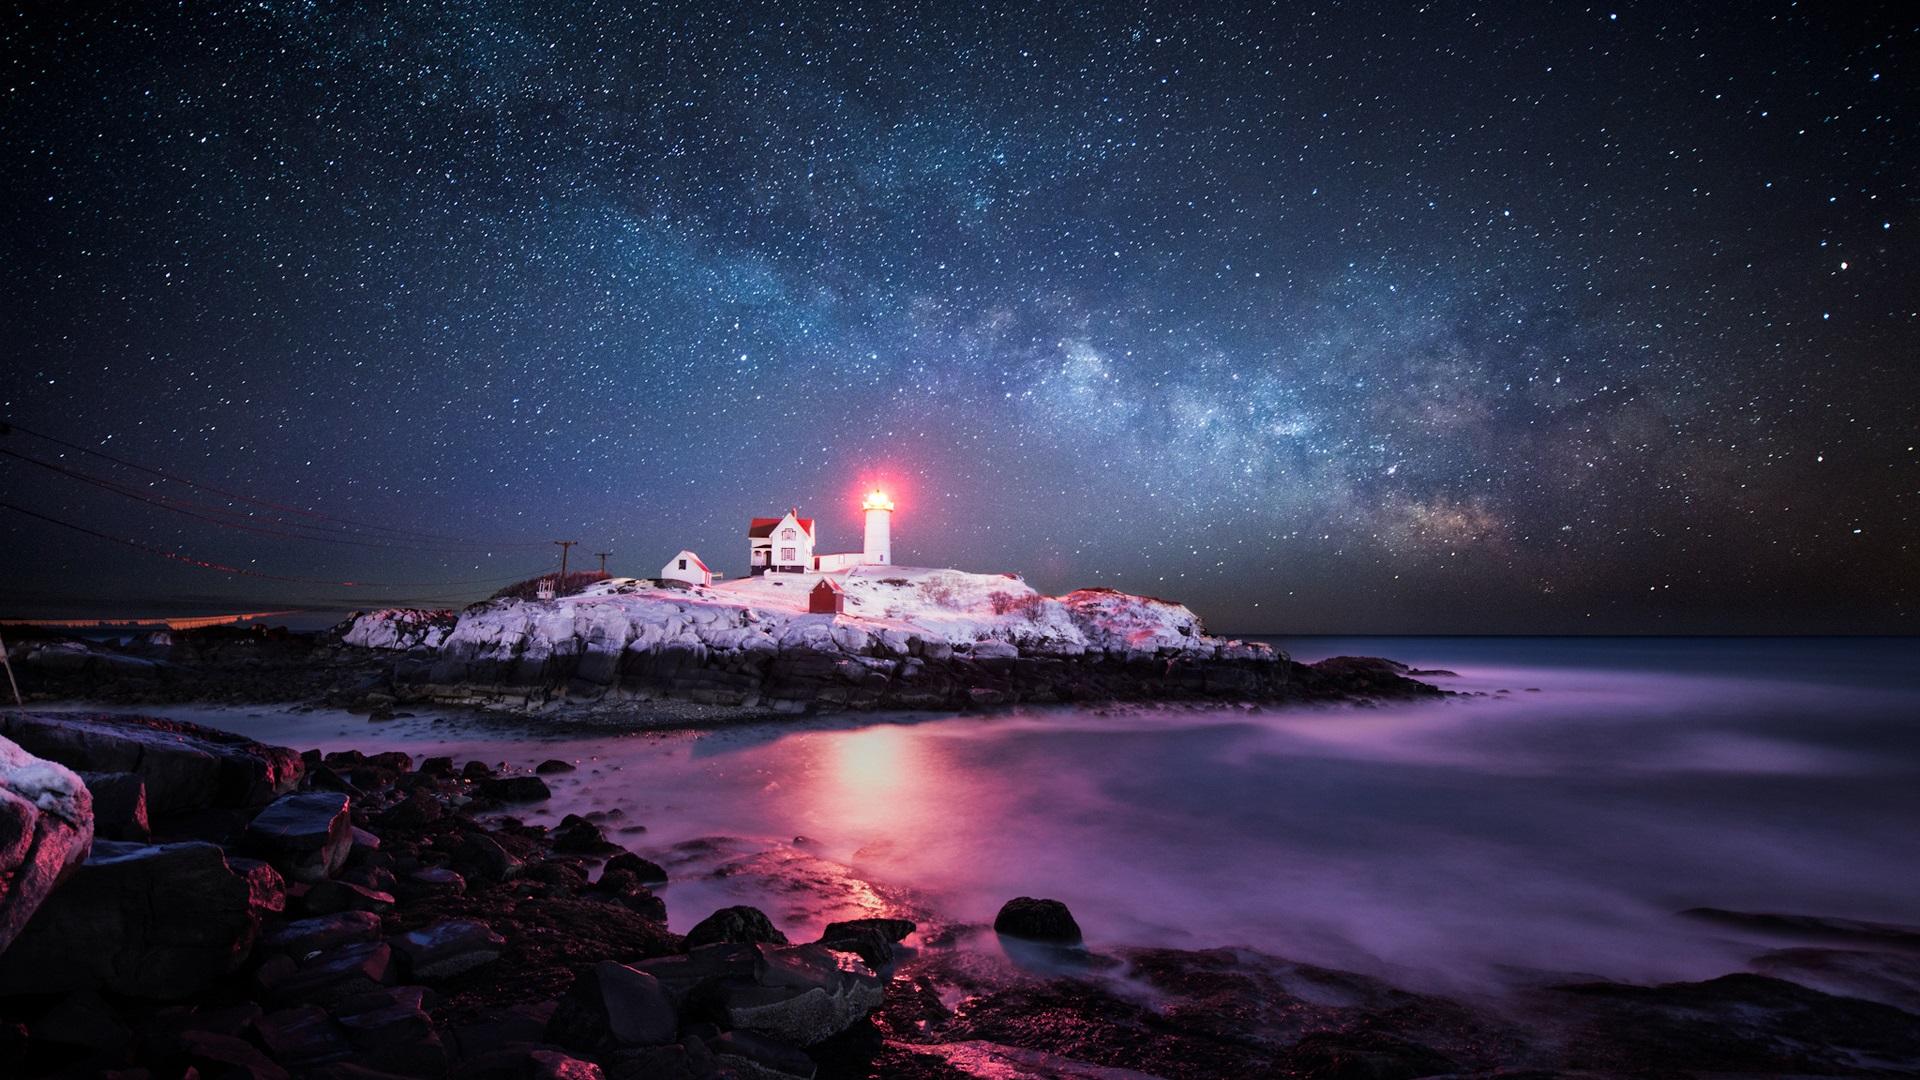 アメリカ、大西洋、島、灯台、光、空、星 壁紙 - 1920x1080   アメリカ、大西洋、島、